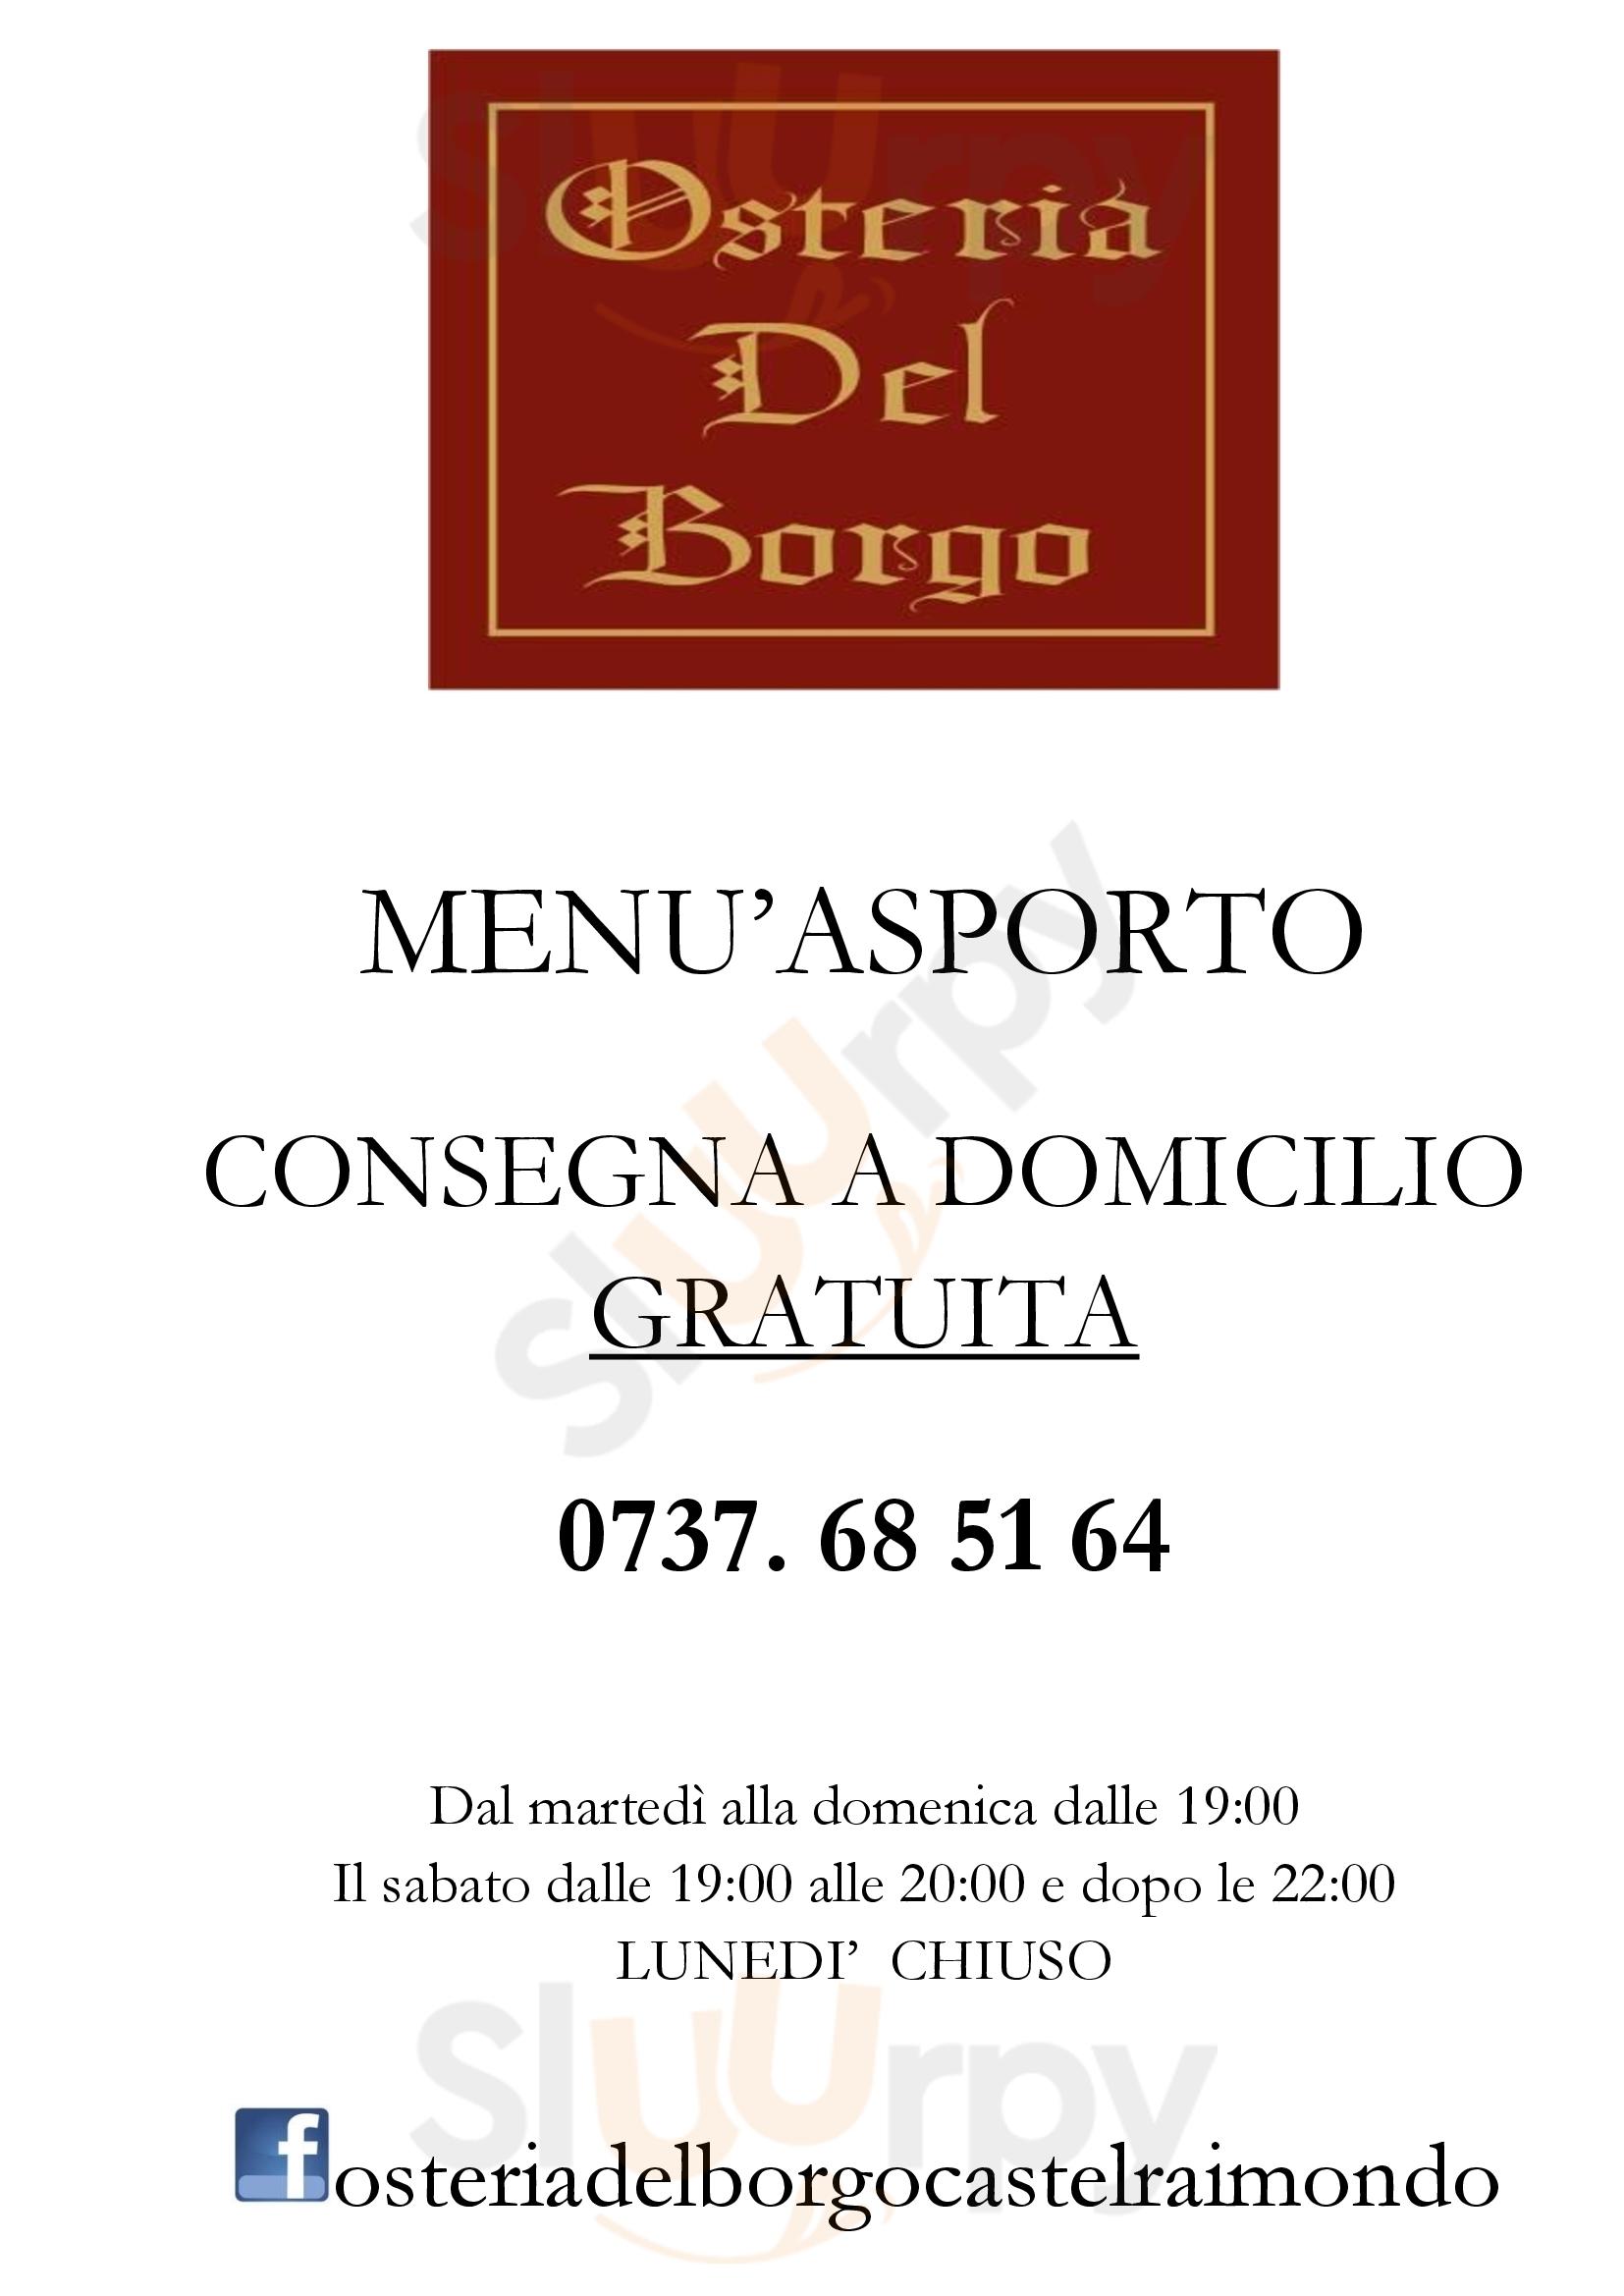 Osteria del Borgo Castelraimondo menù 1 pagina